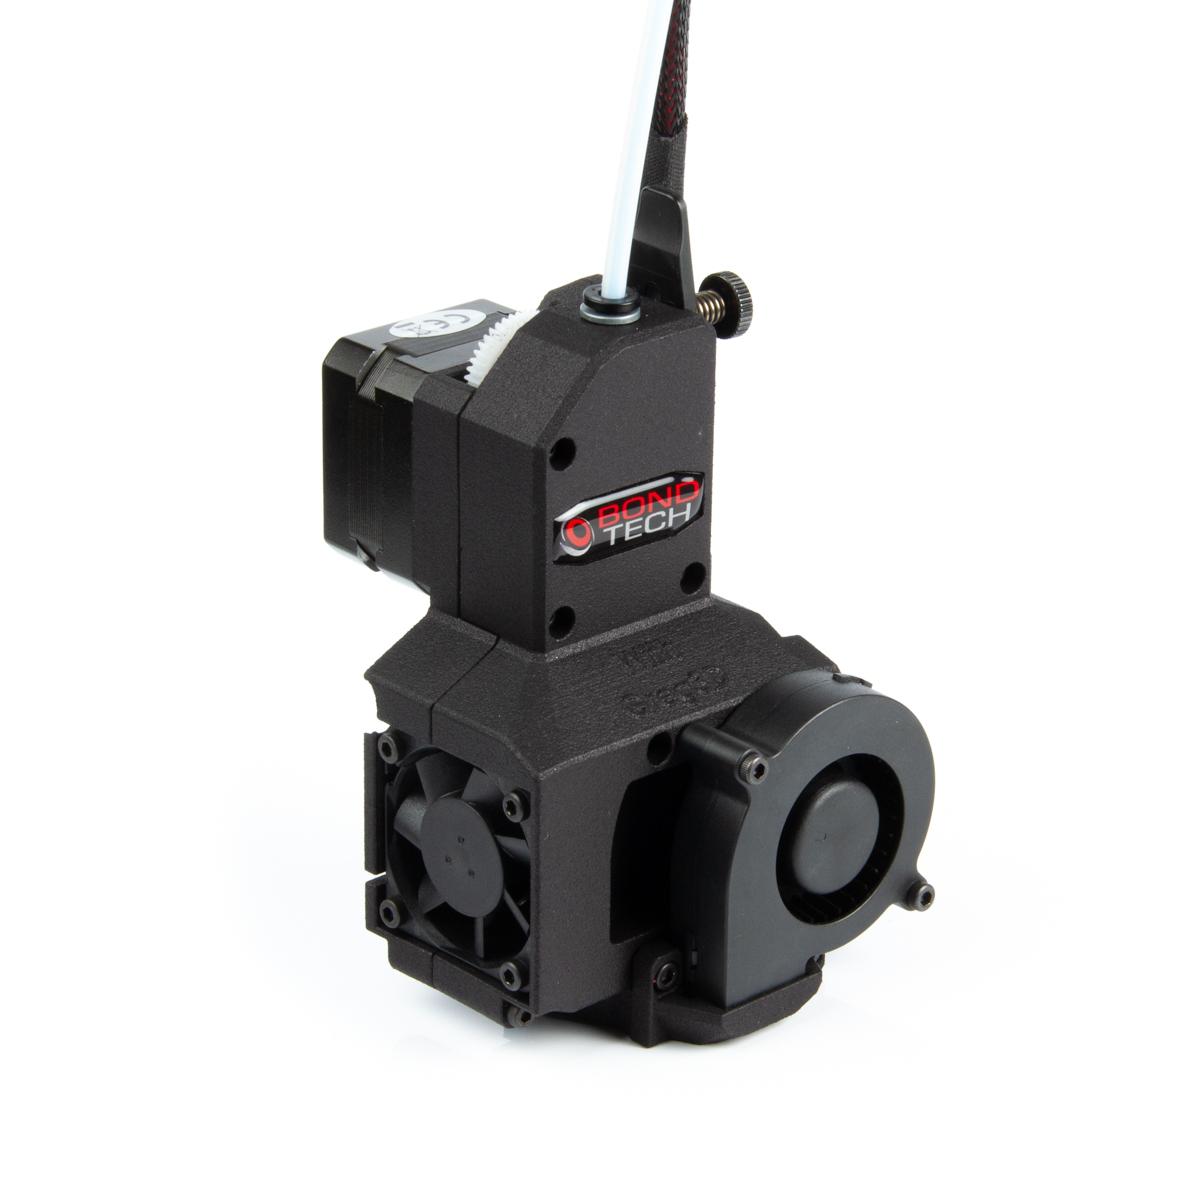 BondTech Direct Drive System Kit für die CR-1